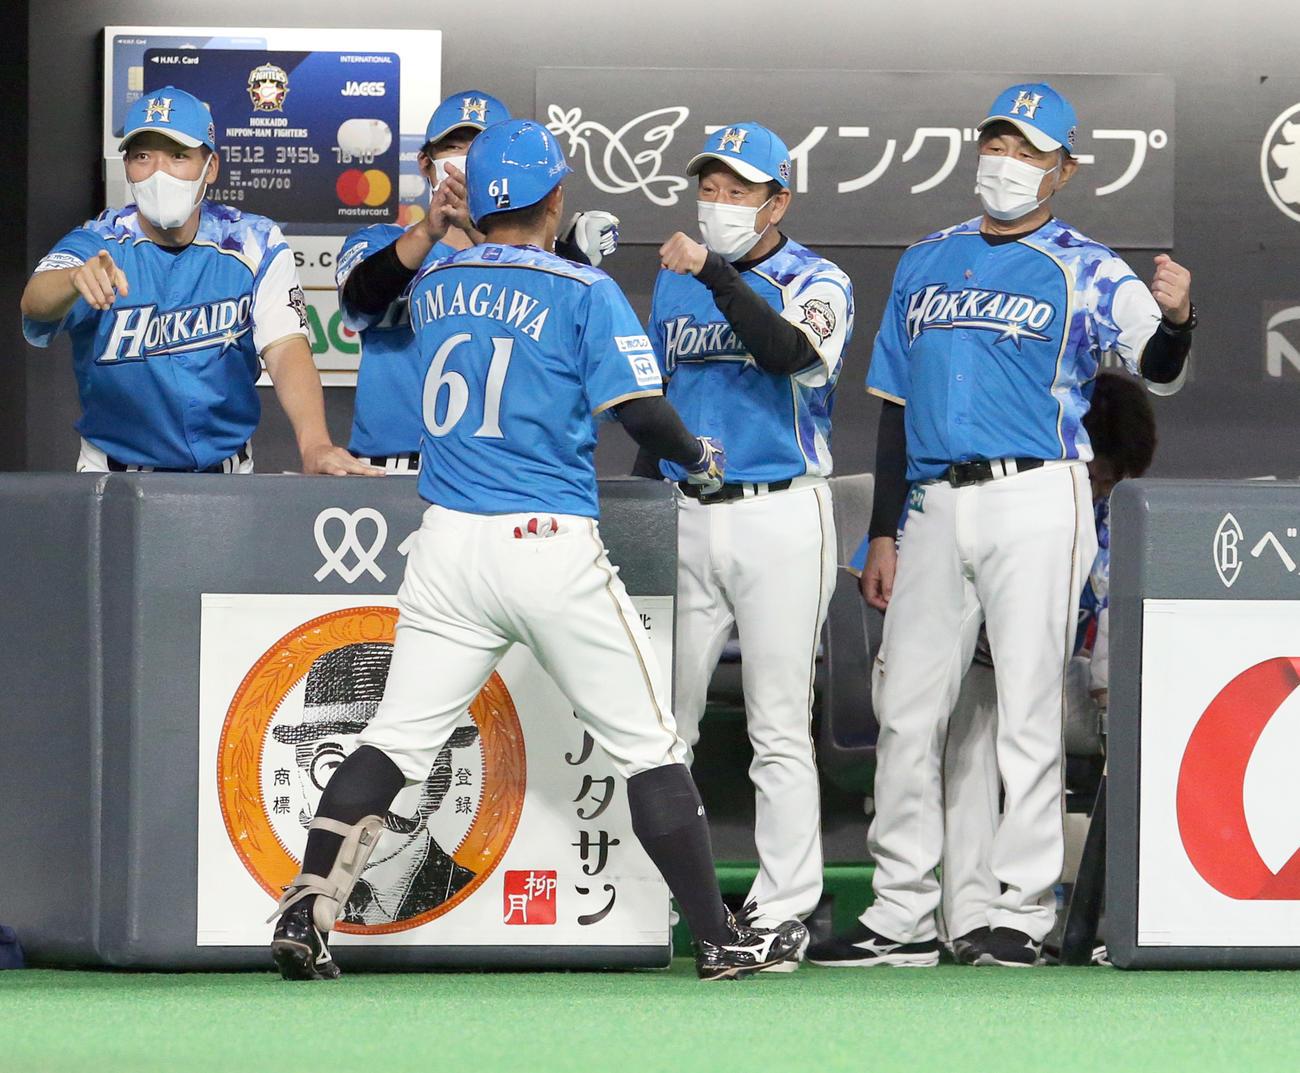 日本ハム対ソフトバンク 2回日本ハム1死二塁、プロ初安打で初本塁打を放った今川を出迎える栗山監督(右から2人目)(撮影・佐藤翔太)